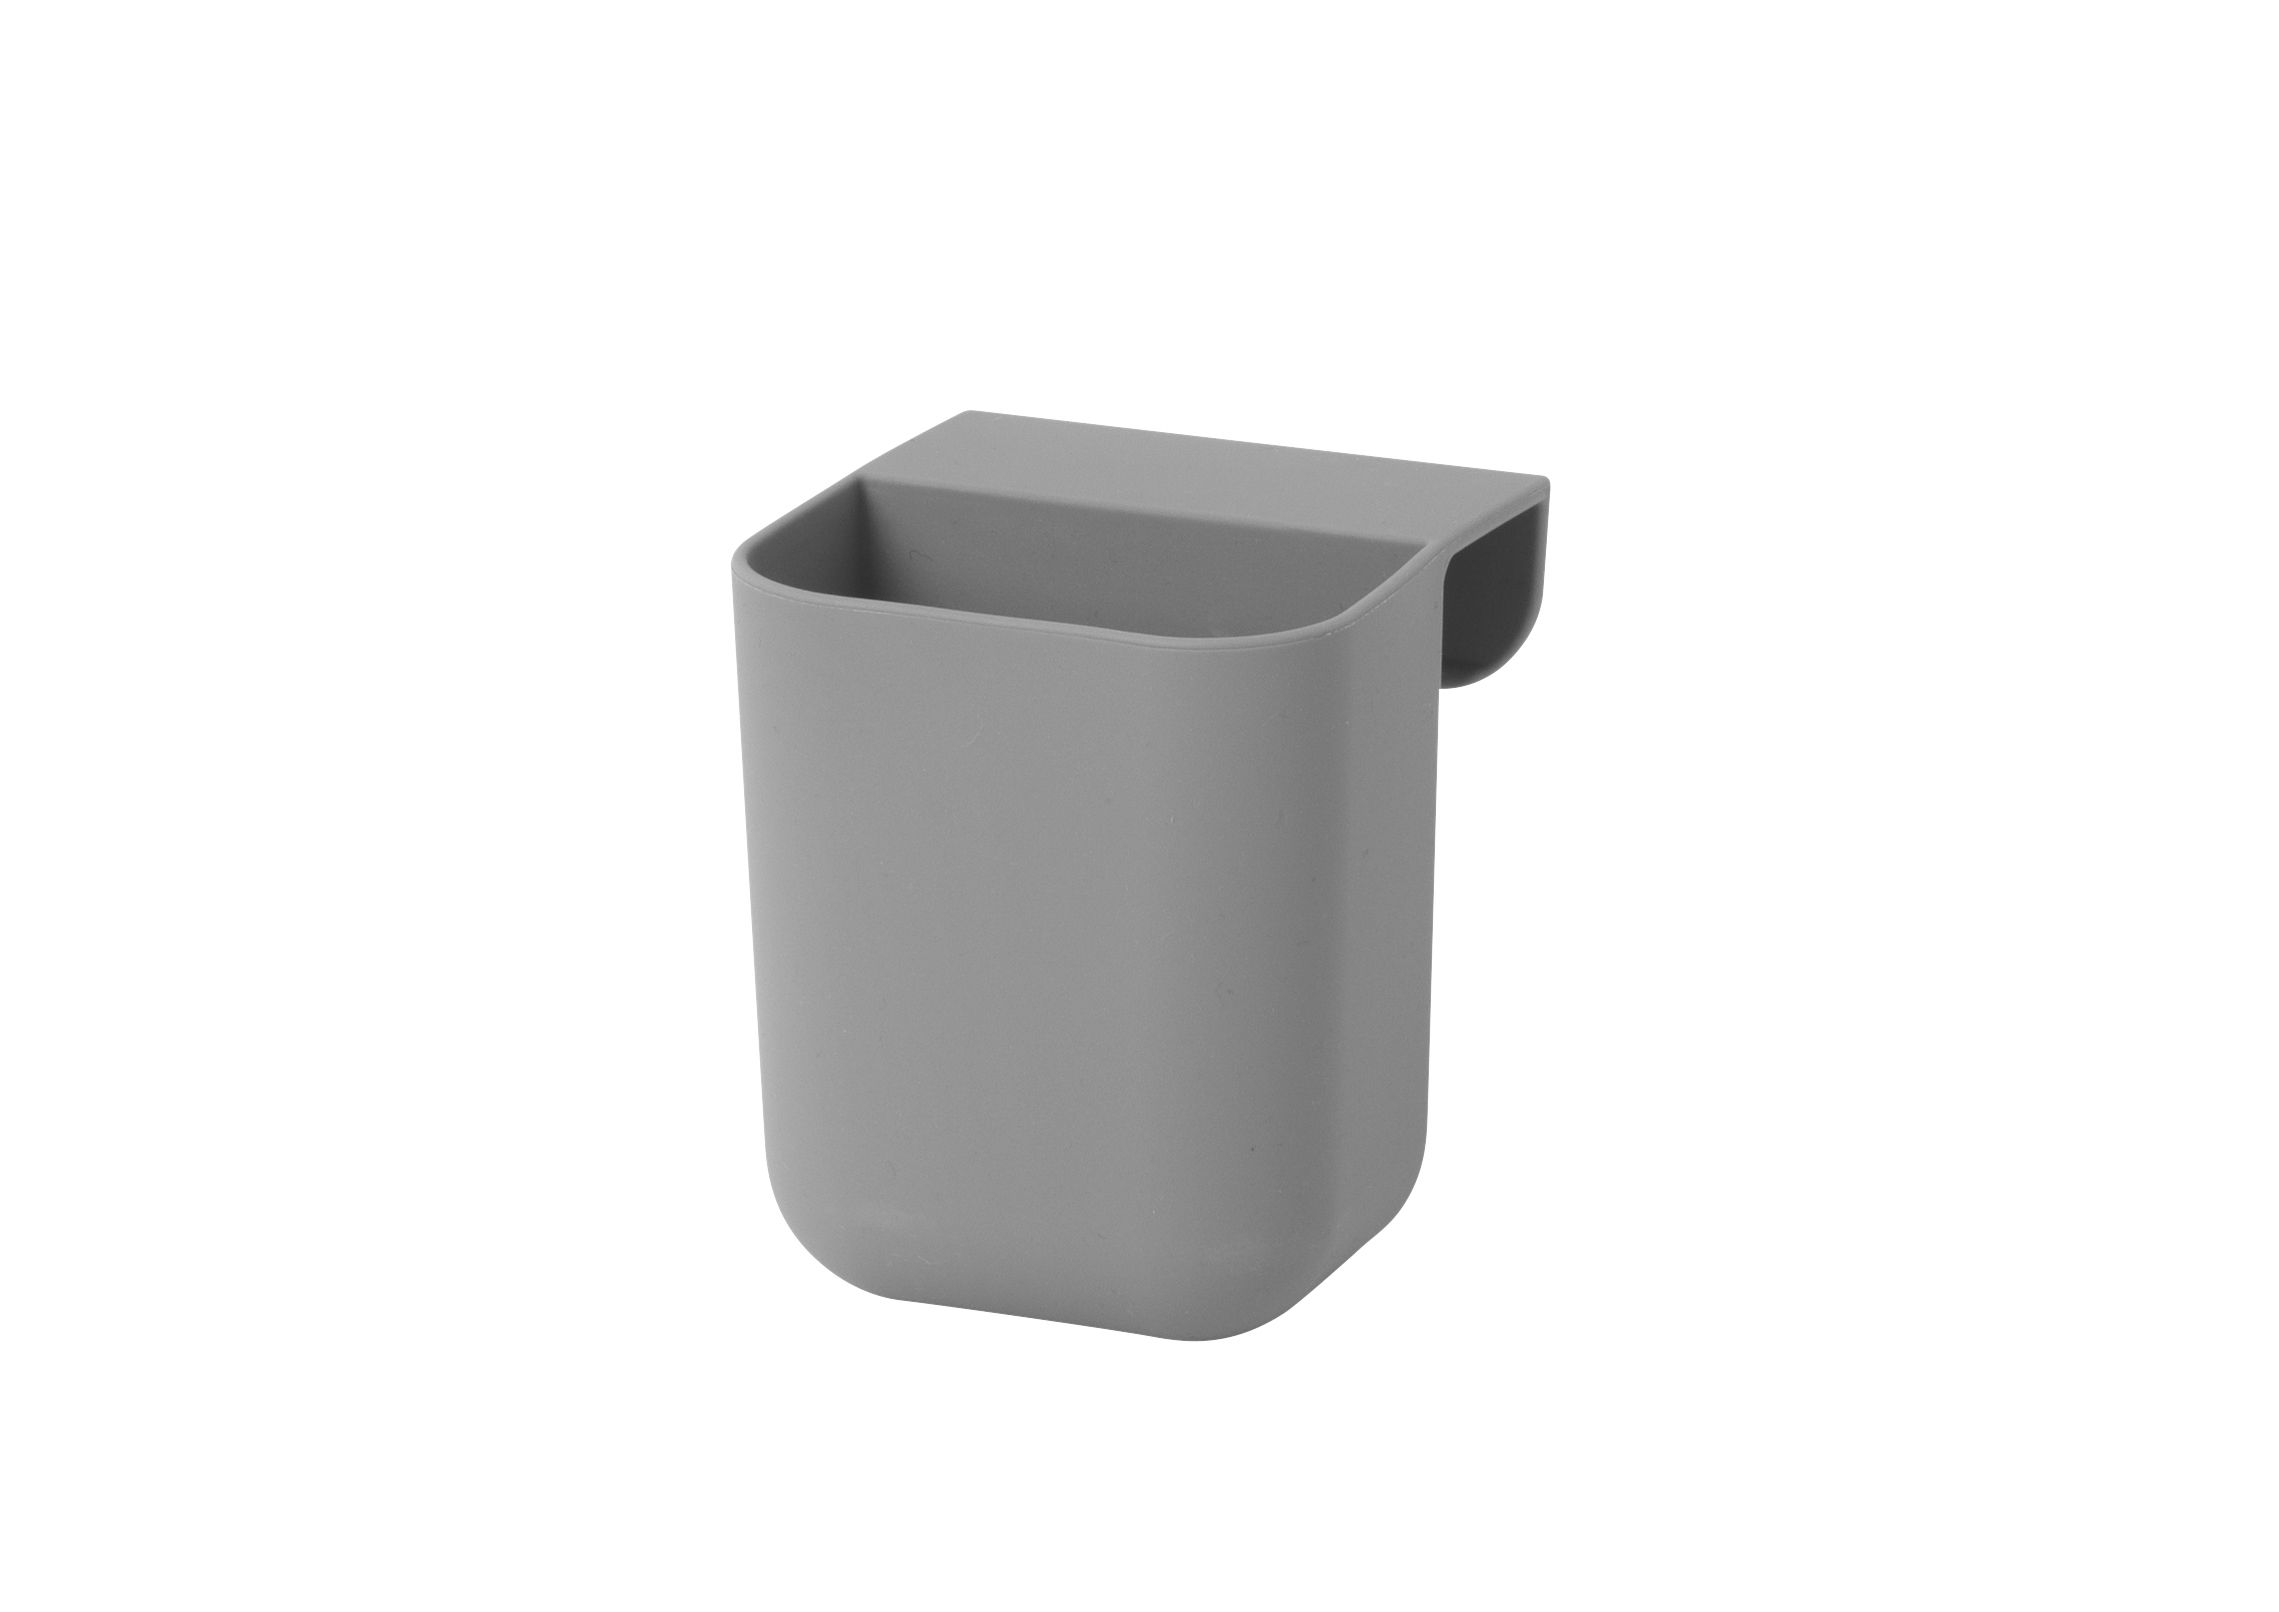 Déco - Pour les enfants - Pot Little Architect Small / Silicone - Ferm Living - Small / Gris - Silicone